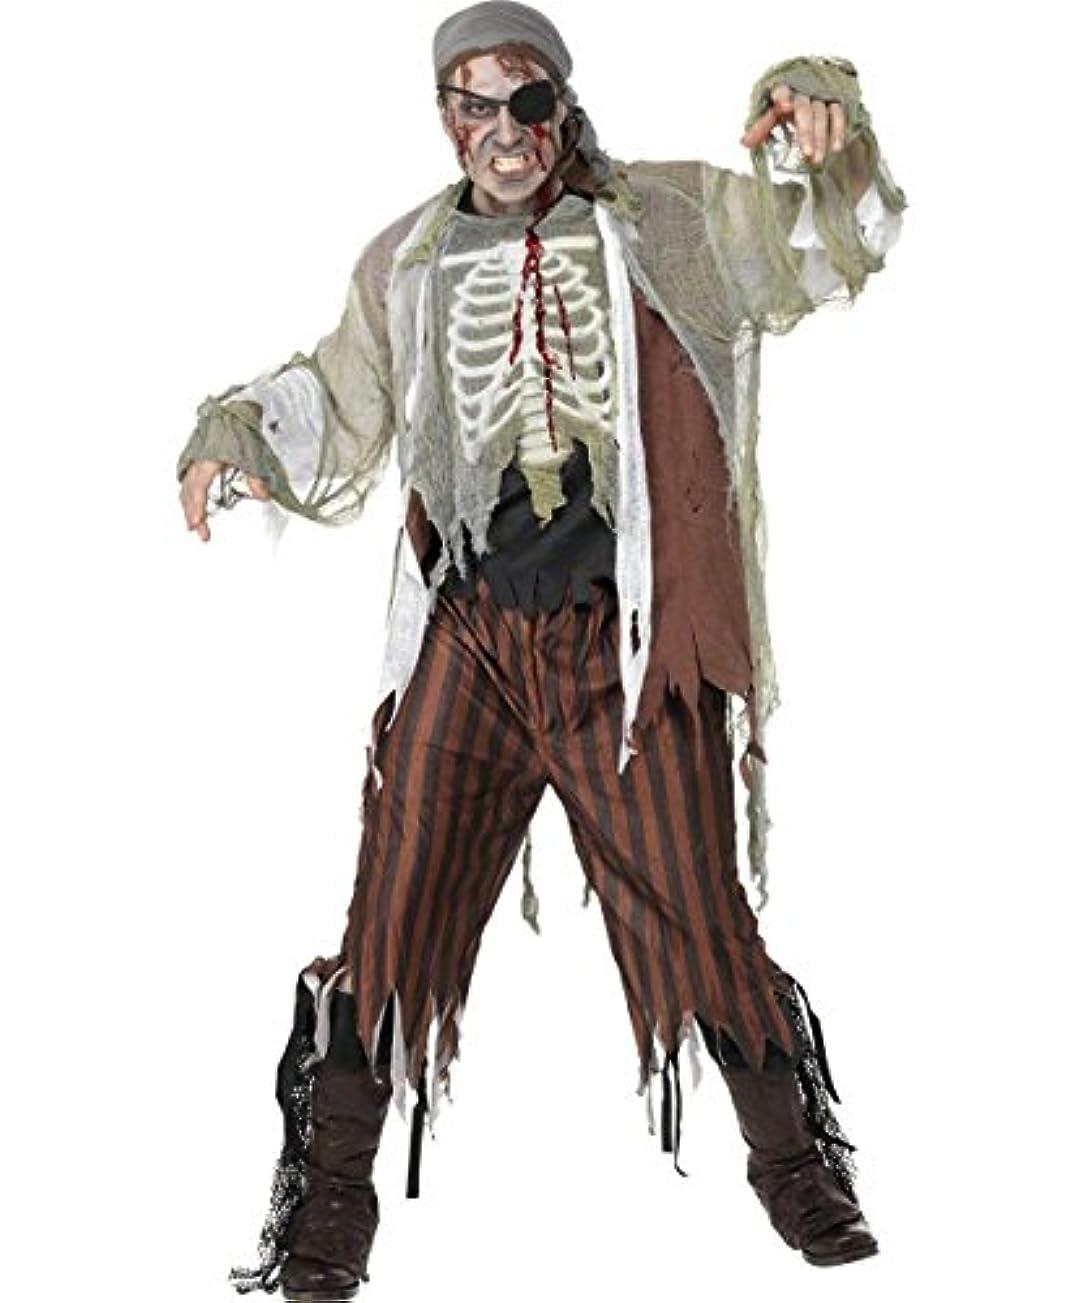 便利クリスチャン脅かすパイレーツオブカリビアン 海賊 ゾンビ パイレーツ メンズ ハロウィン コスチューム 仮装 衣装 服 cosplay コスプレ 人気 コスチューム 男性 大人用 Pirates of the Caribbean Zombie Halloween Costume (M:160cm-180cm)